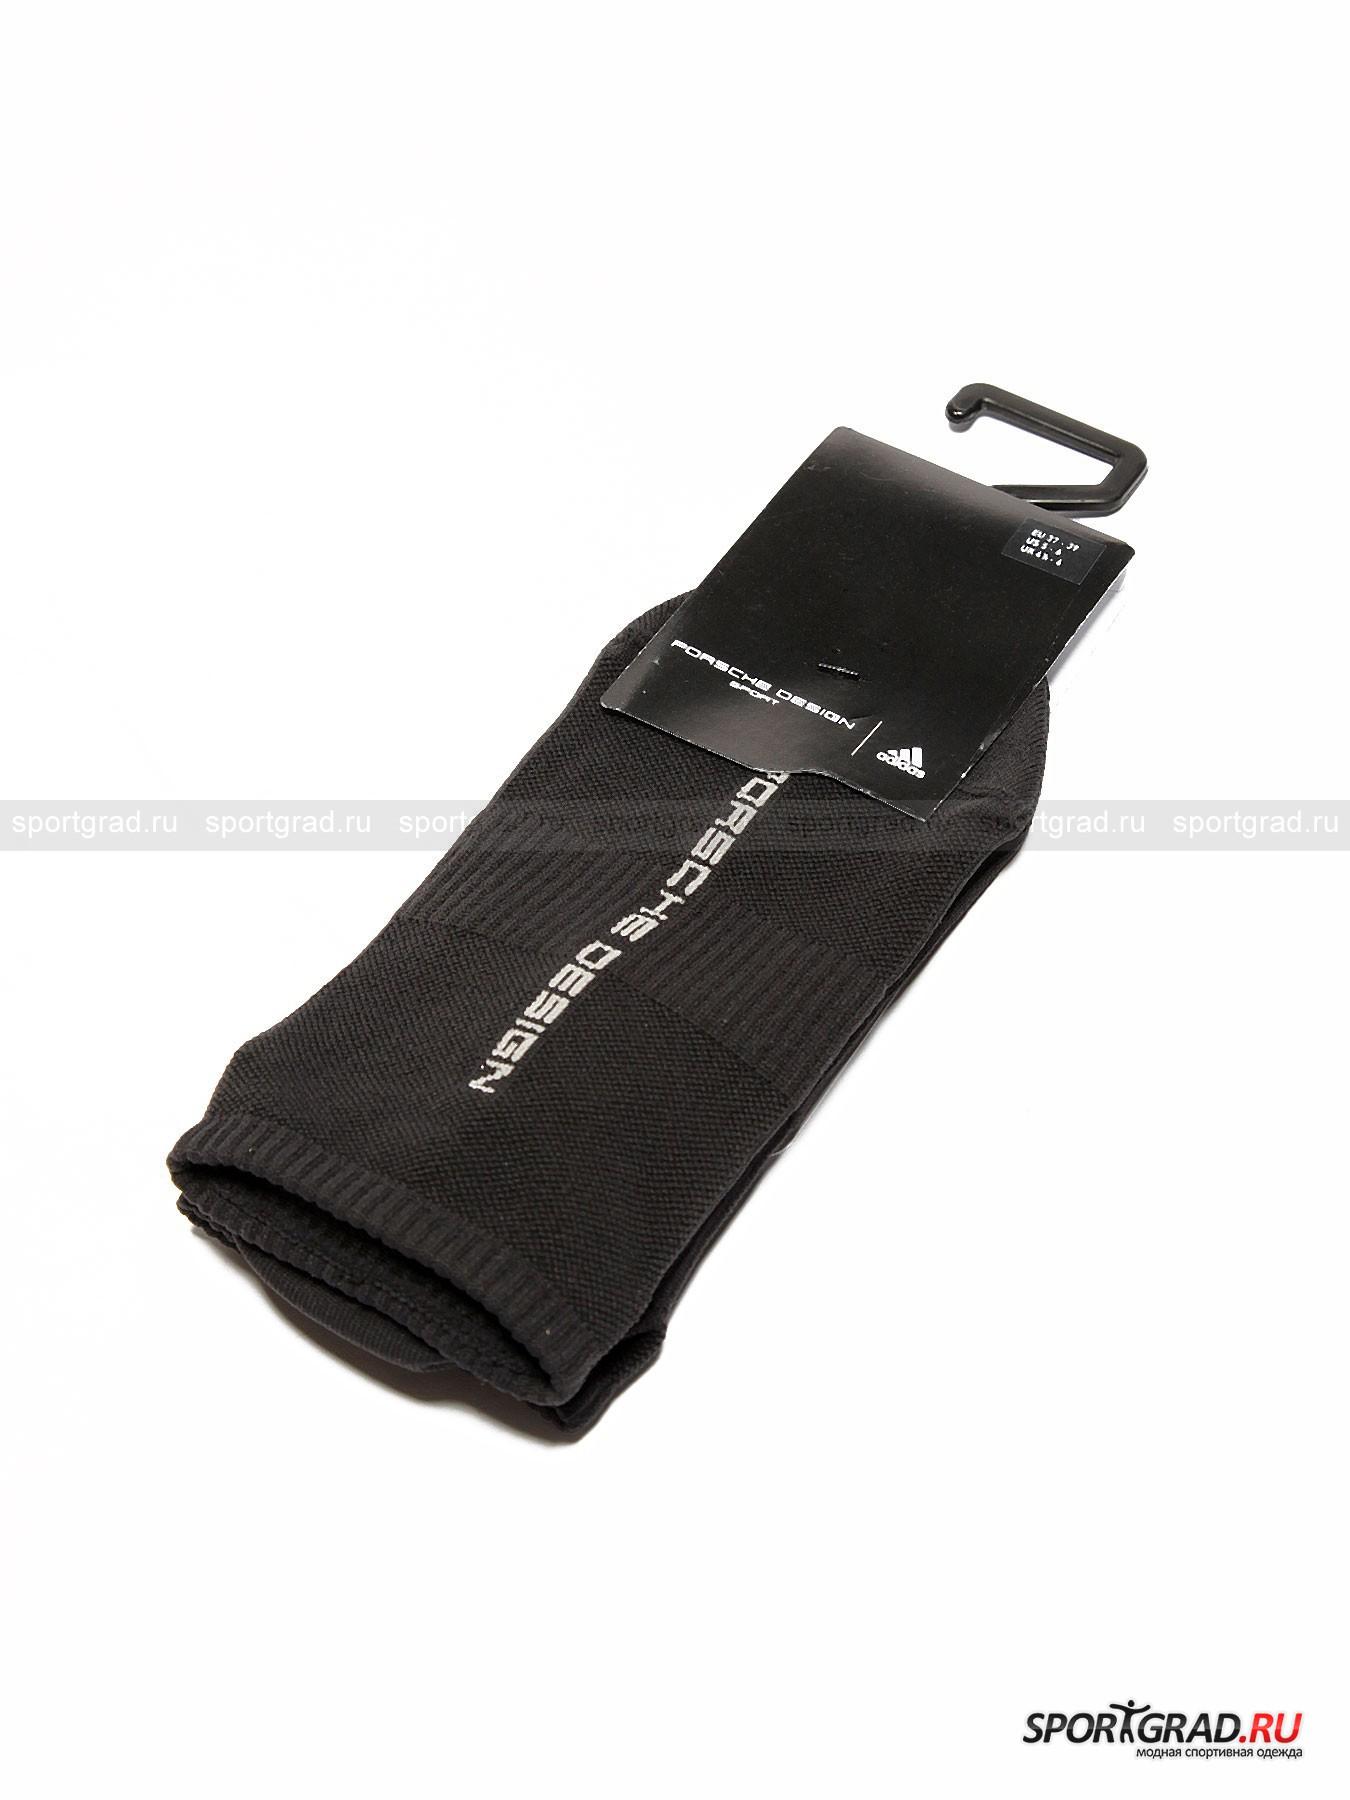 Носки спортивные Liner Socks PORSCHE DESIGN Black